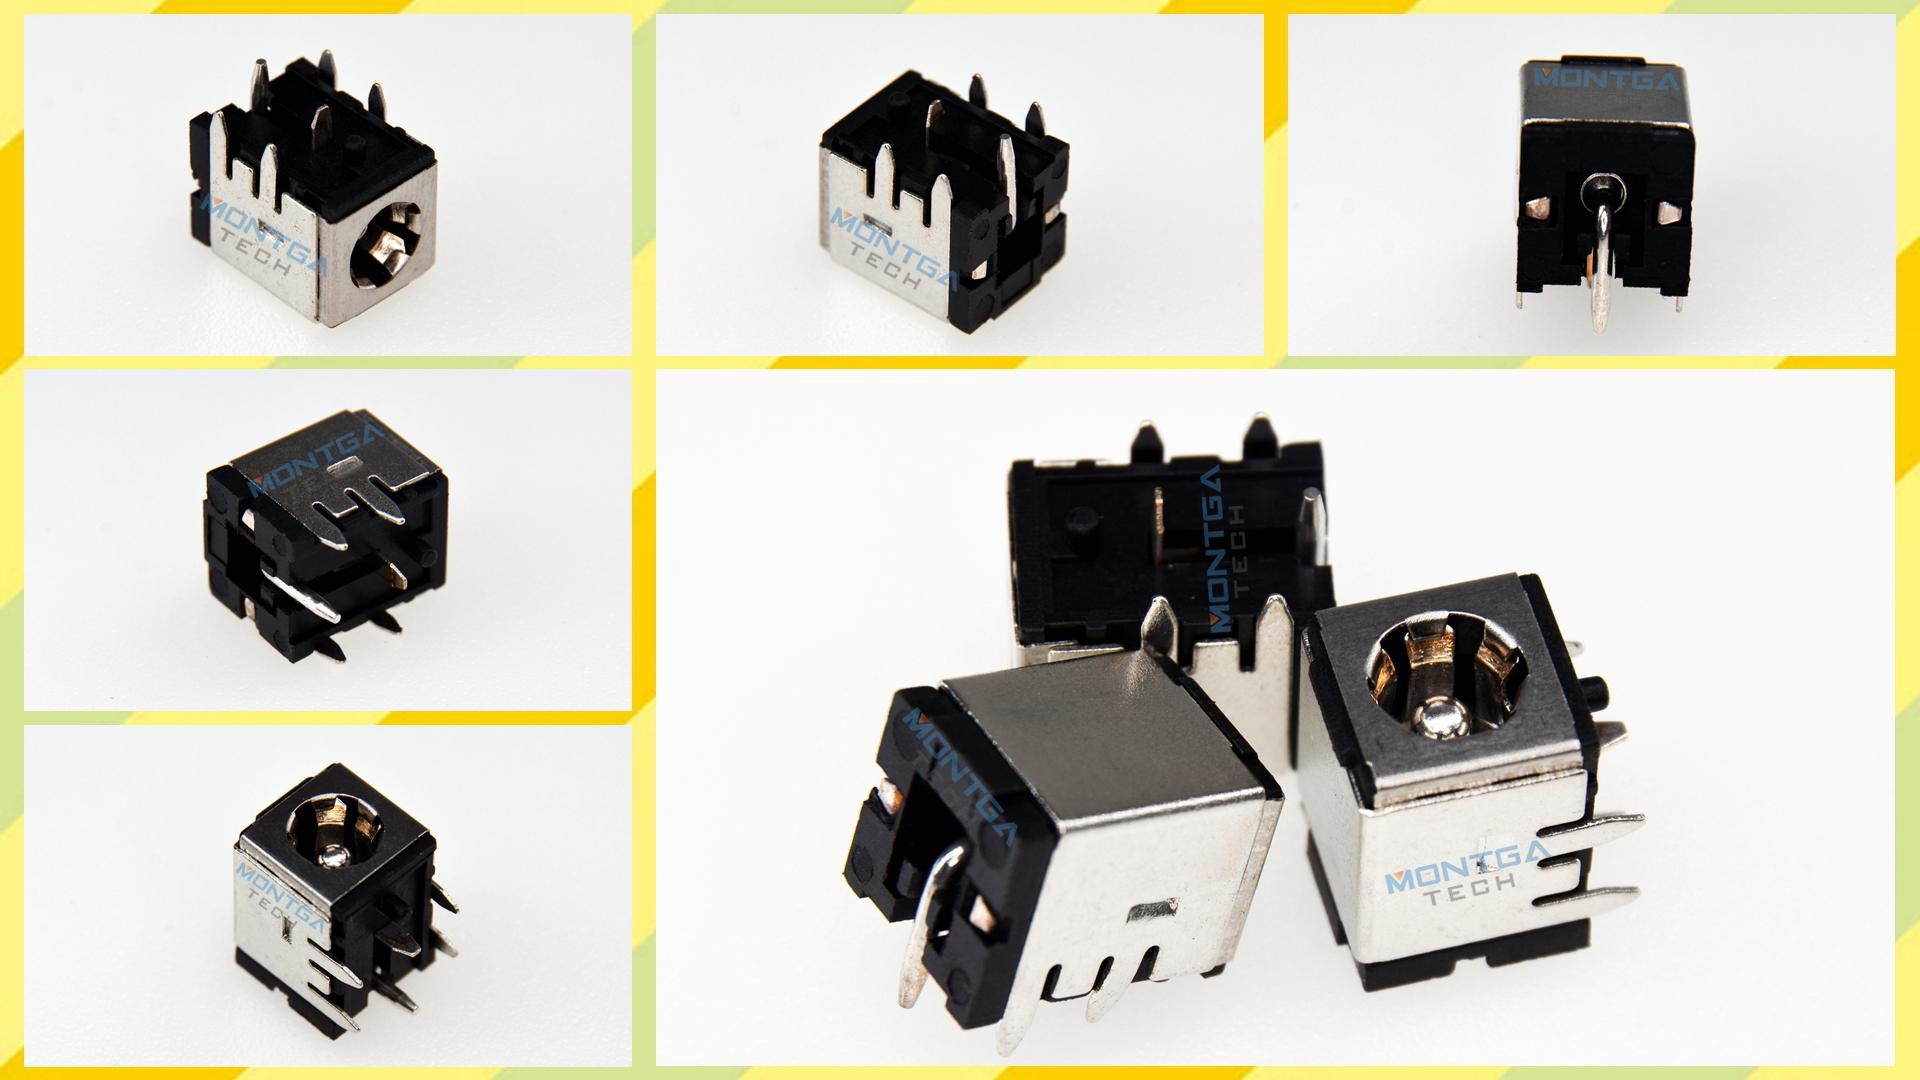 Compaq R3140CA charging connector, Compaq R3140CA DC Power Jack, Compaq R3140CA Power Jack, Compaq R3140CA plug, Compaq R3140CA Jack socket, Compaq R3140CA connecteur de charge,